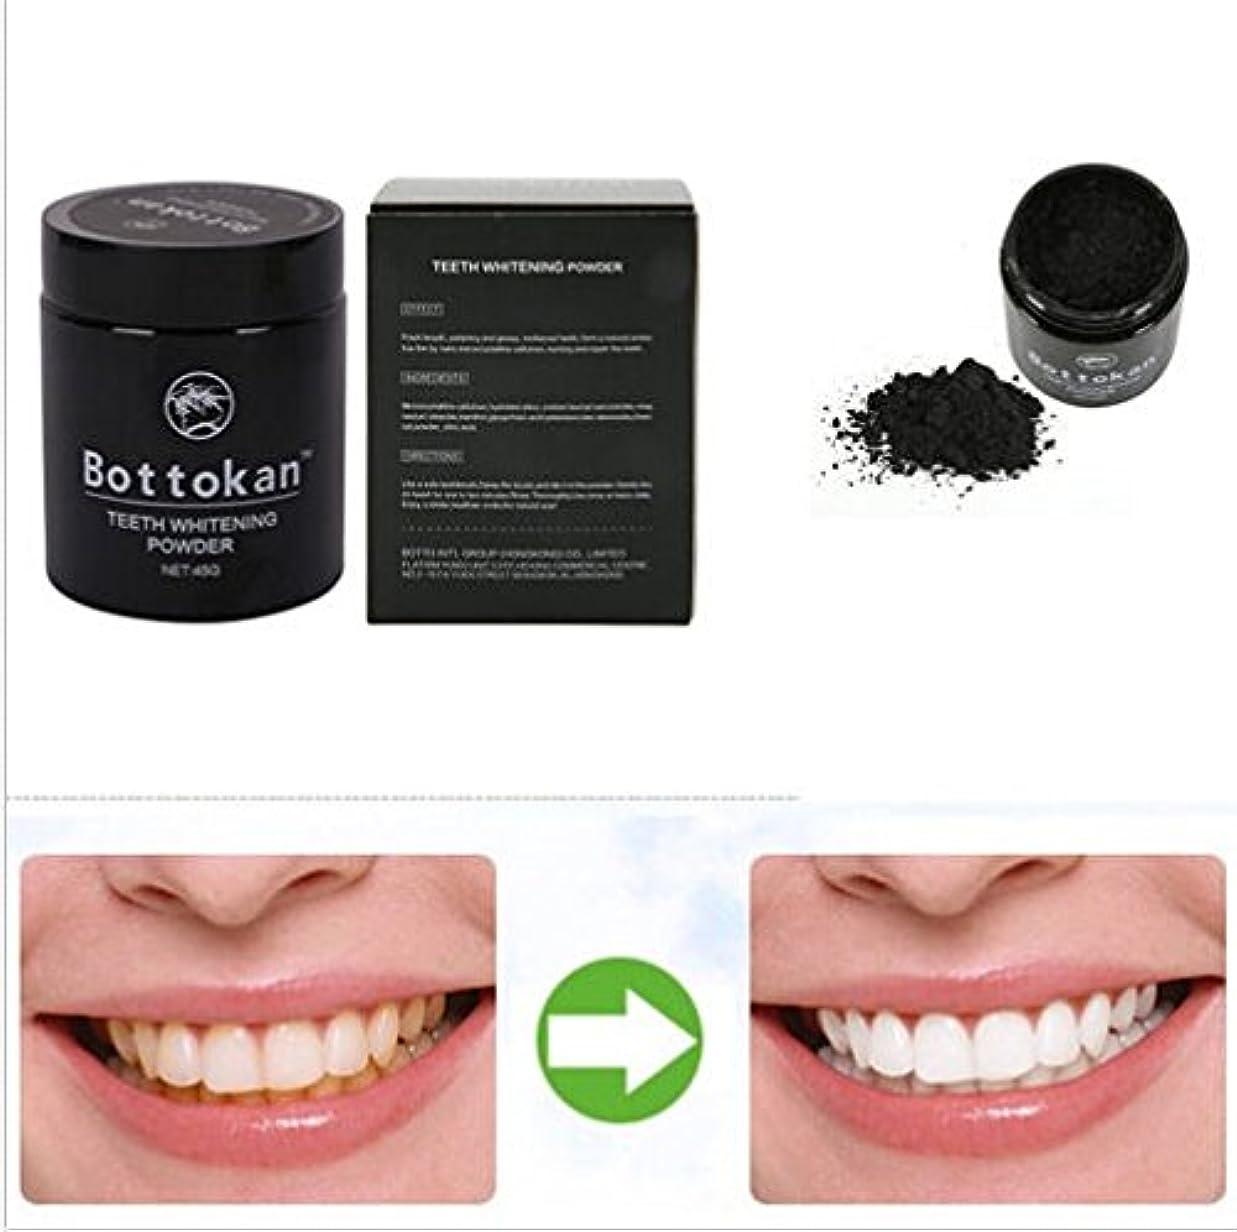 医師保険をかける薄暗い歯磨きパウダー 食べる活性炭 チャコールパーティクル 竹炭パウダー 45g 黒缶